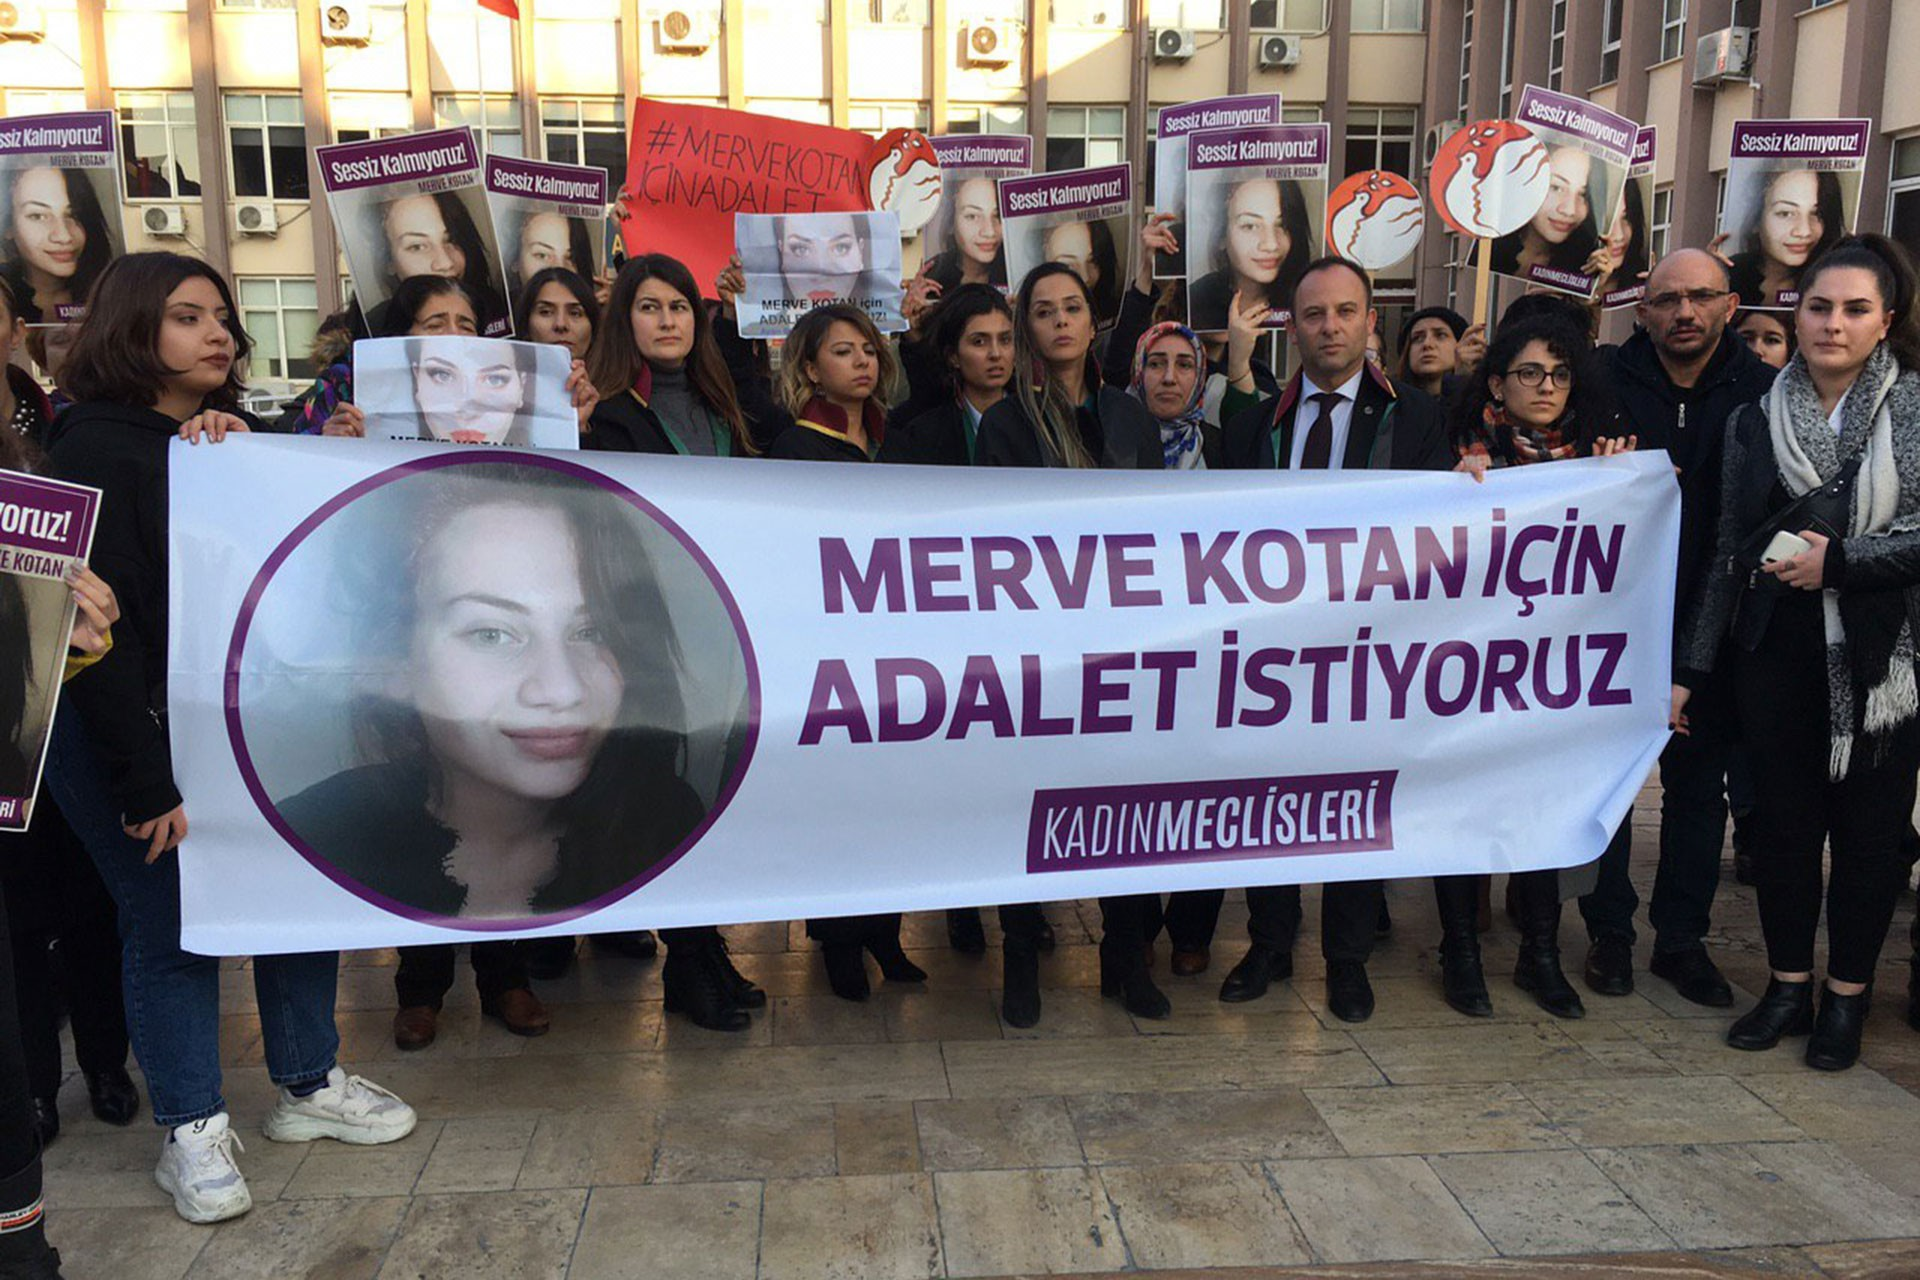 Merve Kotan'ın fotoğrafının olduğu döviz ve eyleme katılan kadınlar